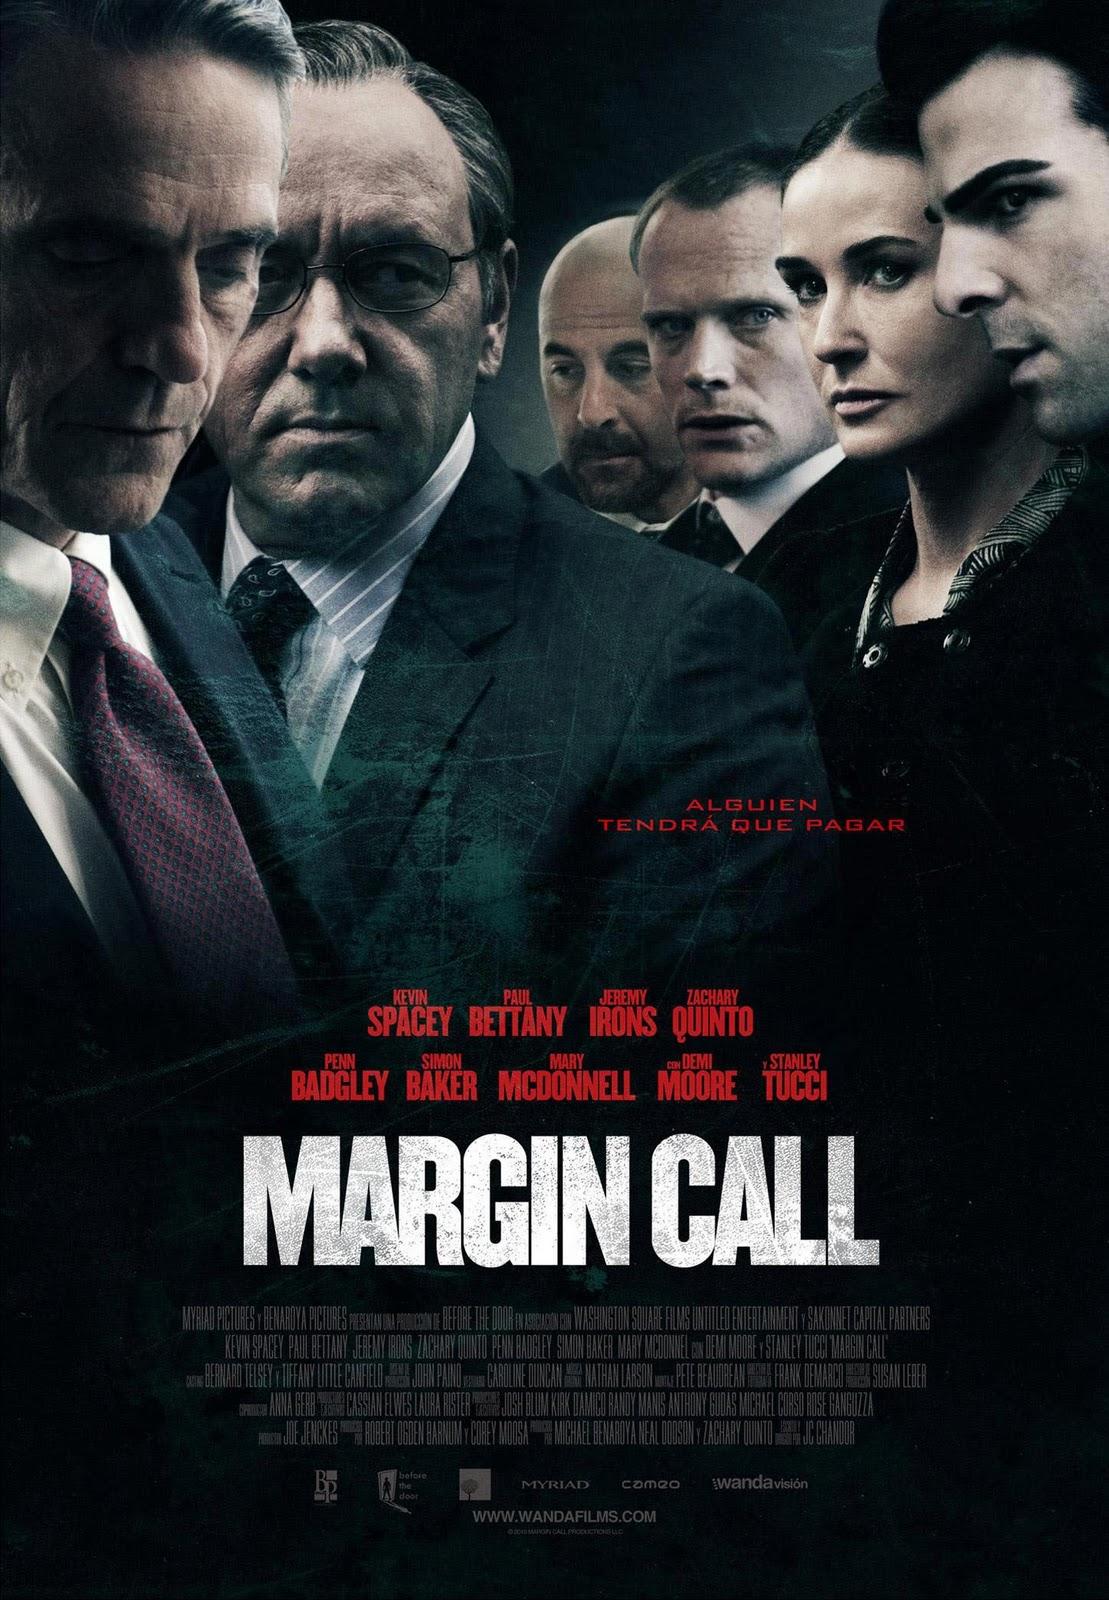 margin call movie analysis